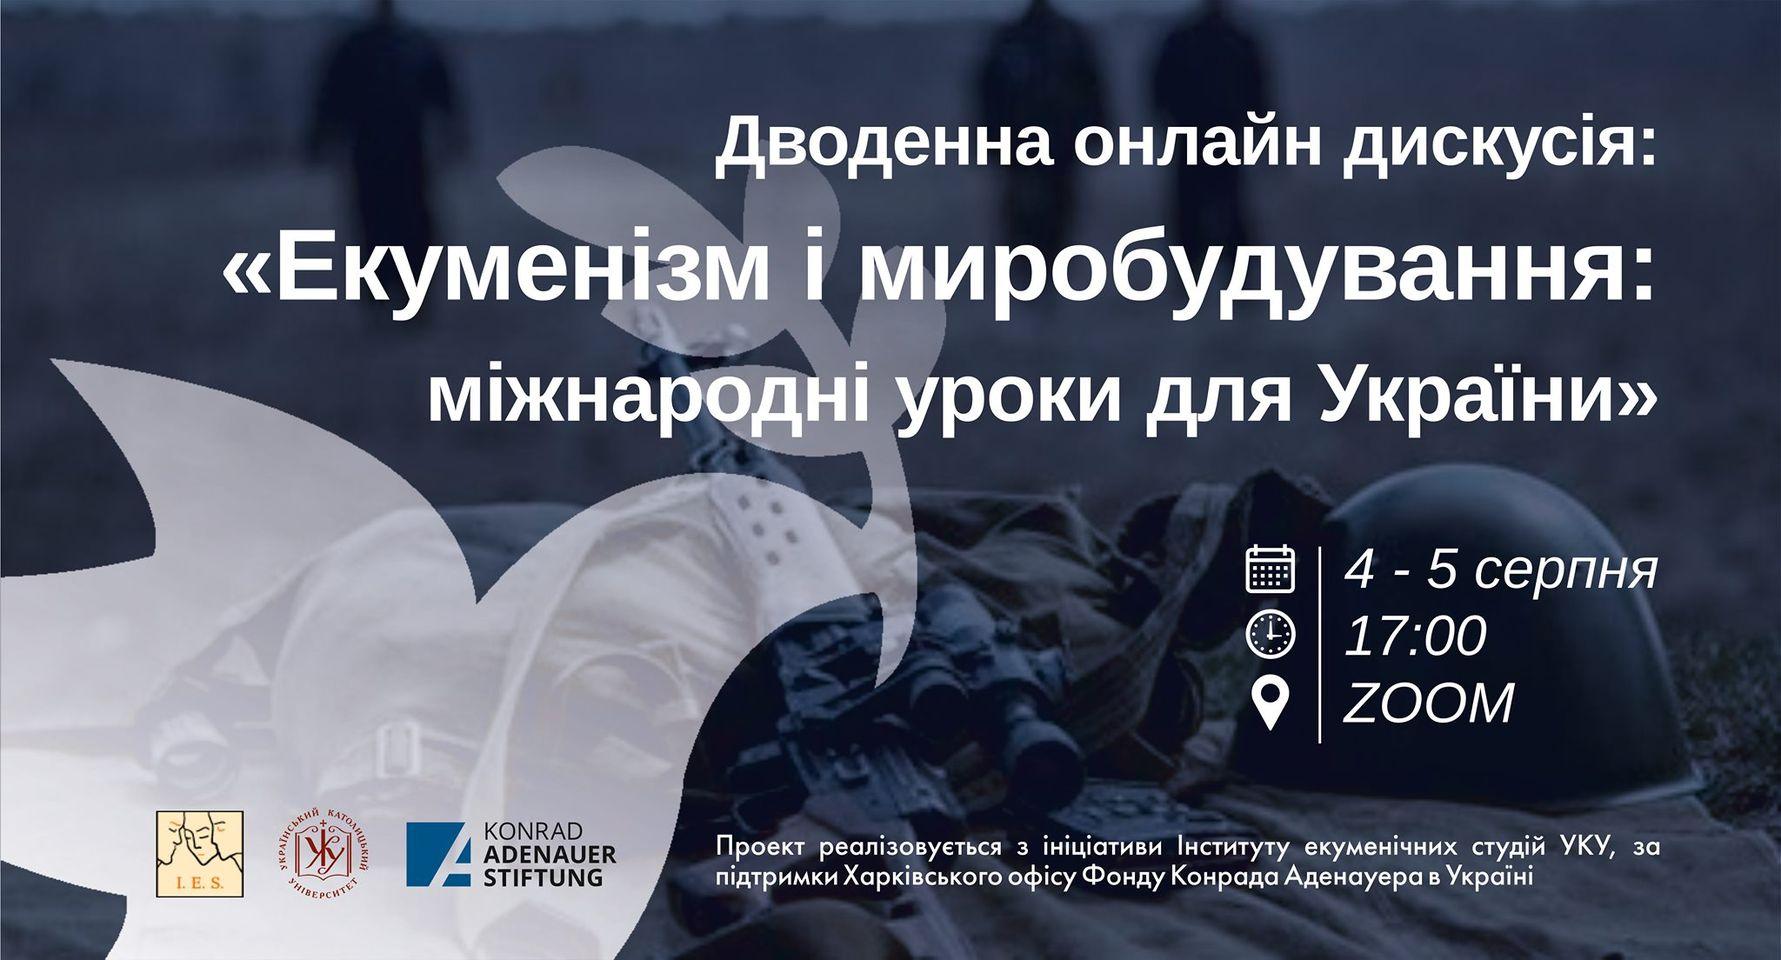 УКУ запрошує долучатися до дискусій на тему миробудування